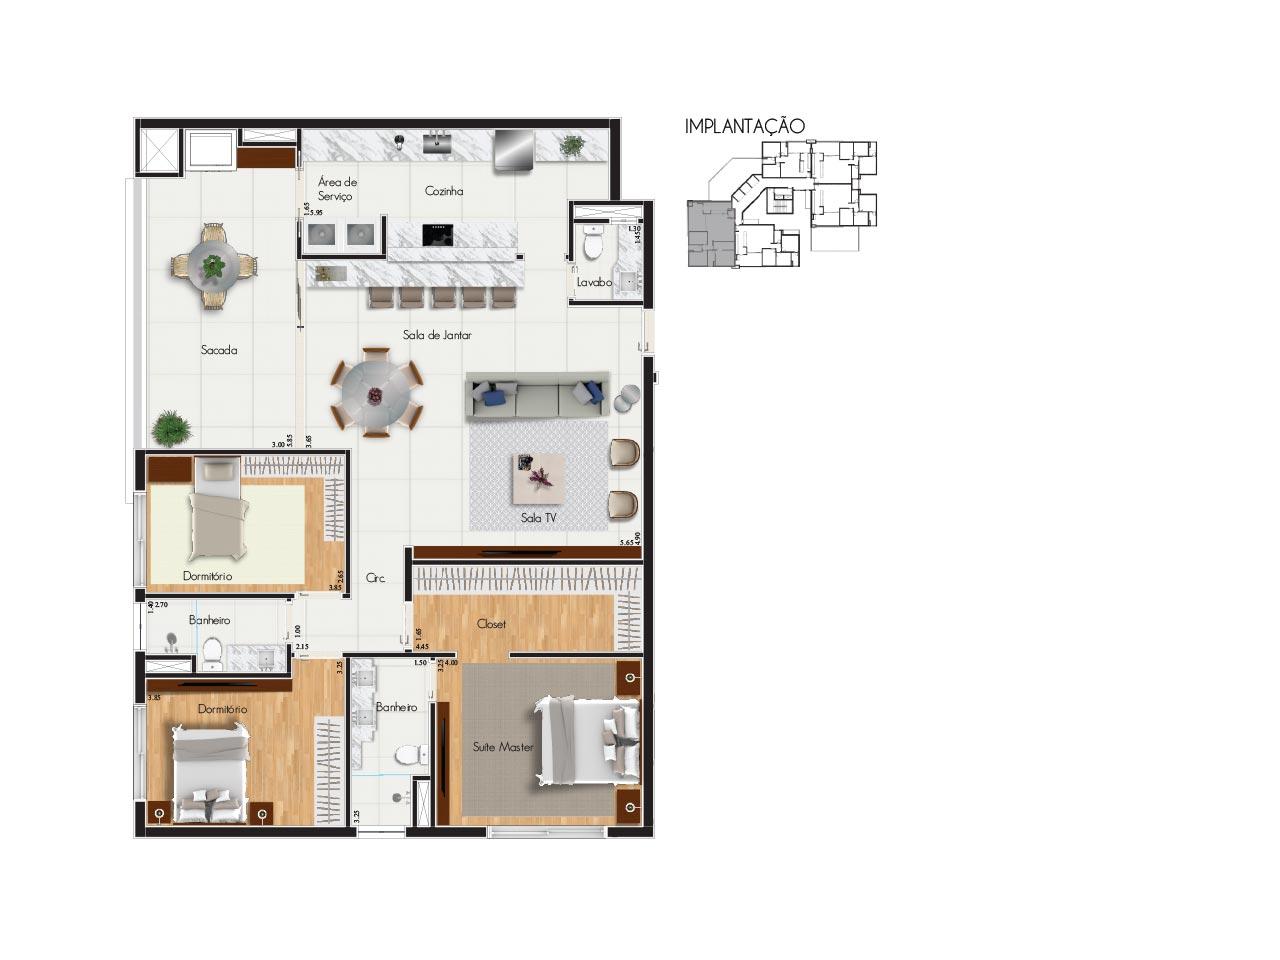 Apartamento tipo 1 - Características:2 vagas de garagem2 quartos1 suíte com closetVaranda com churrasqueiraSala para 2 ambientesBanheiro socialLavaboÁrea de serviçoQuadro de áreasÁrea privativa: 164,00m2Área total: 254,76m2Área útil: 140,00m2